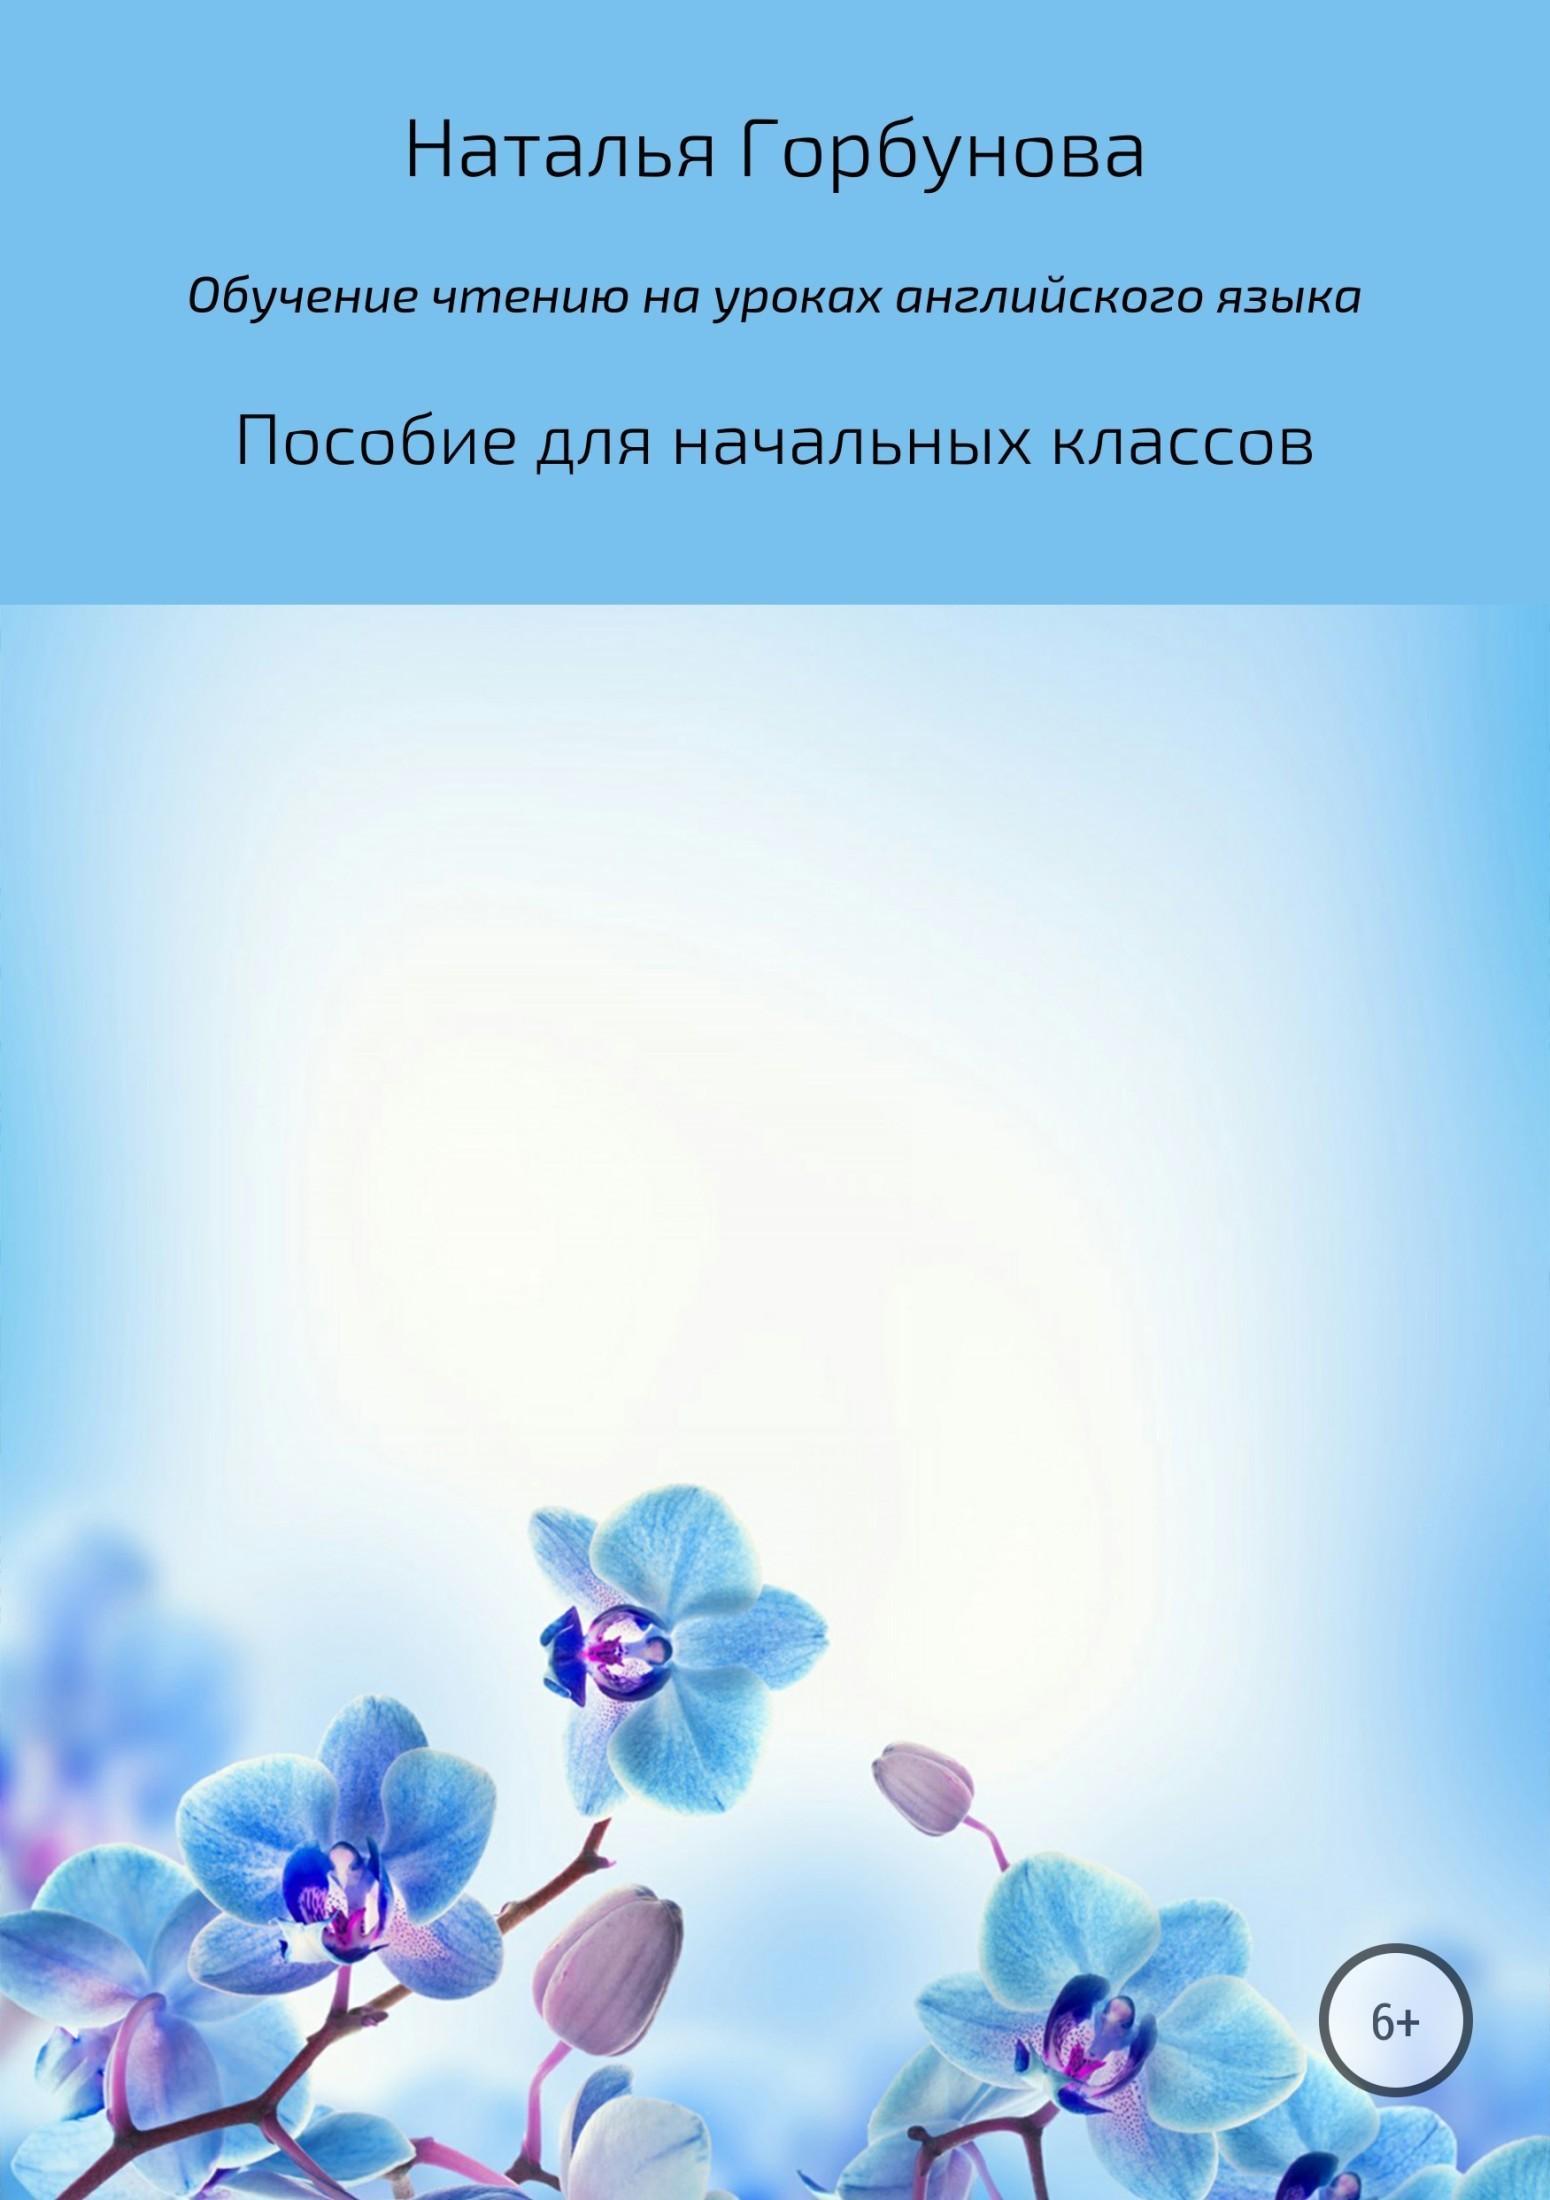 Наталья Геннадьевна Горбунова. Обучение чтению на уроках английского языка. Пособие для начальных классов